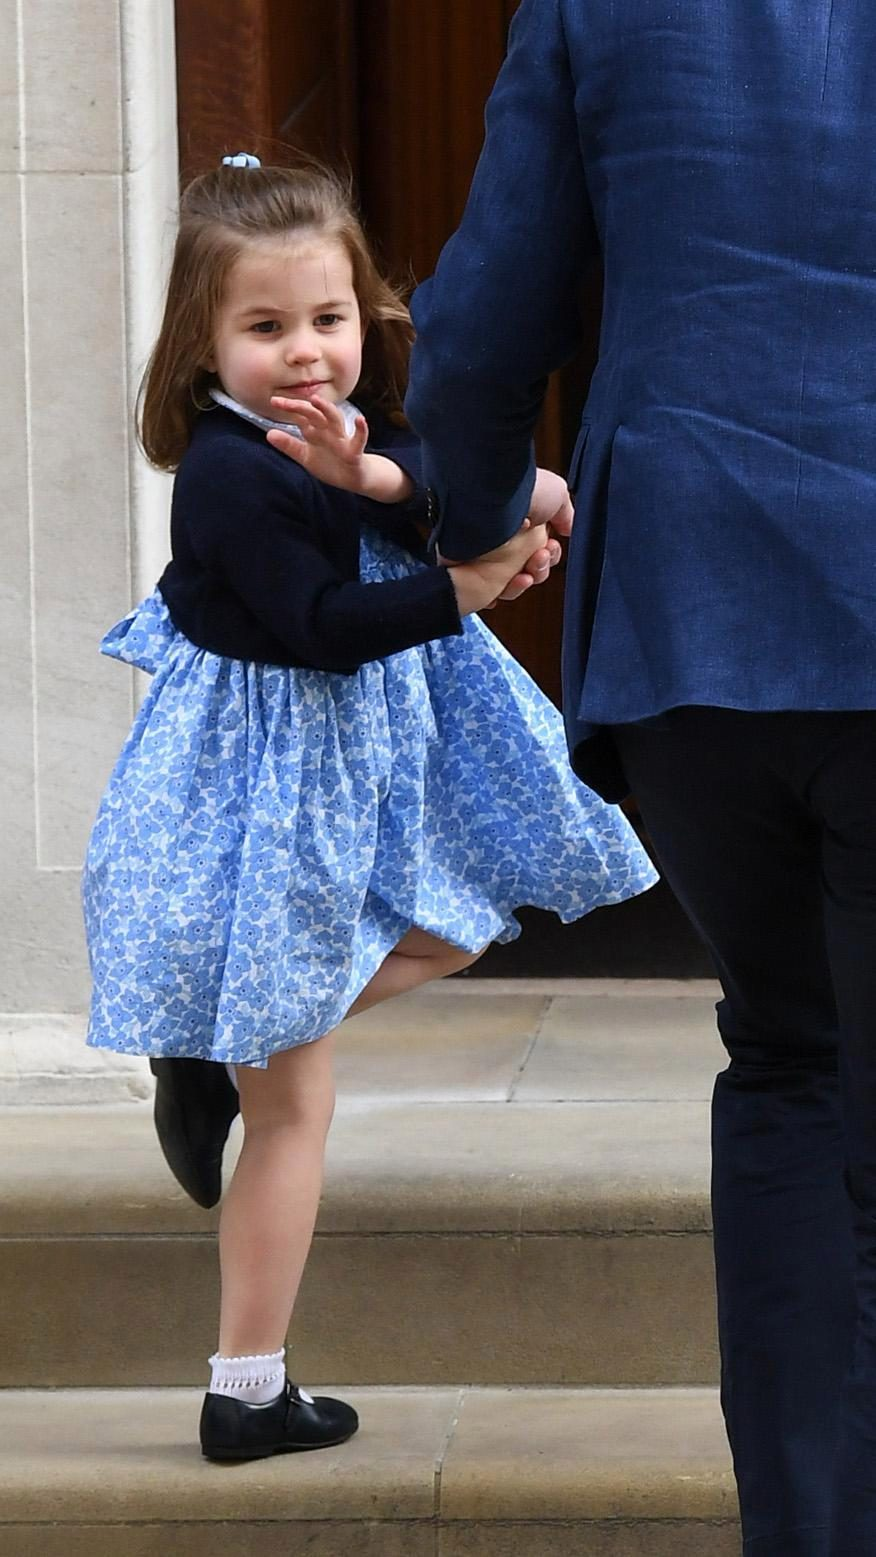 看完凱特王妃一家都想衝動結婚 夏綠蒂小公主當姐姐「吻弟弟畫面」洗版全球